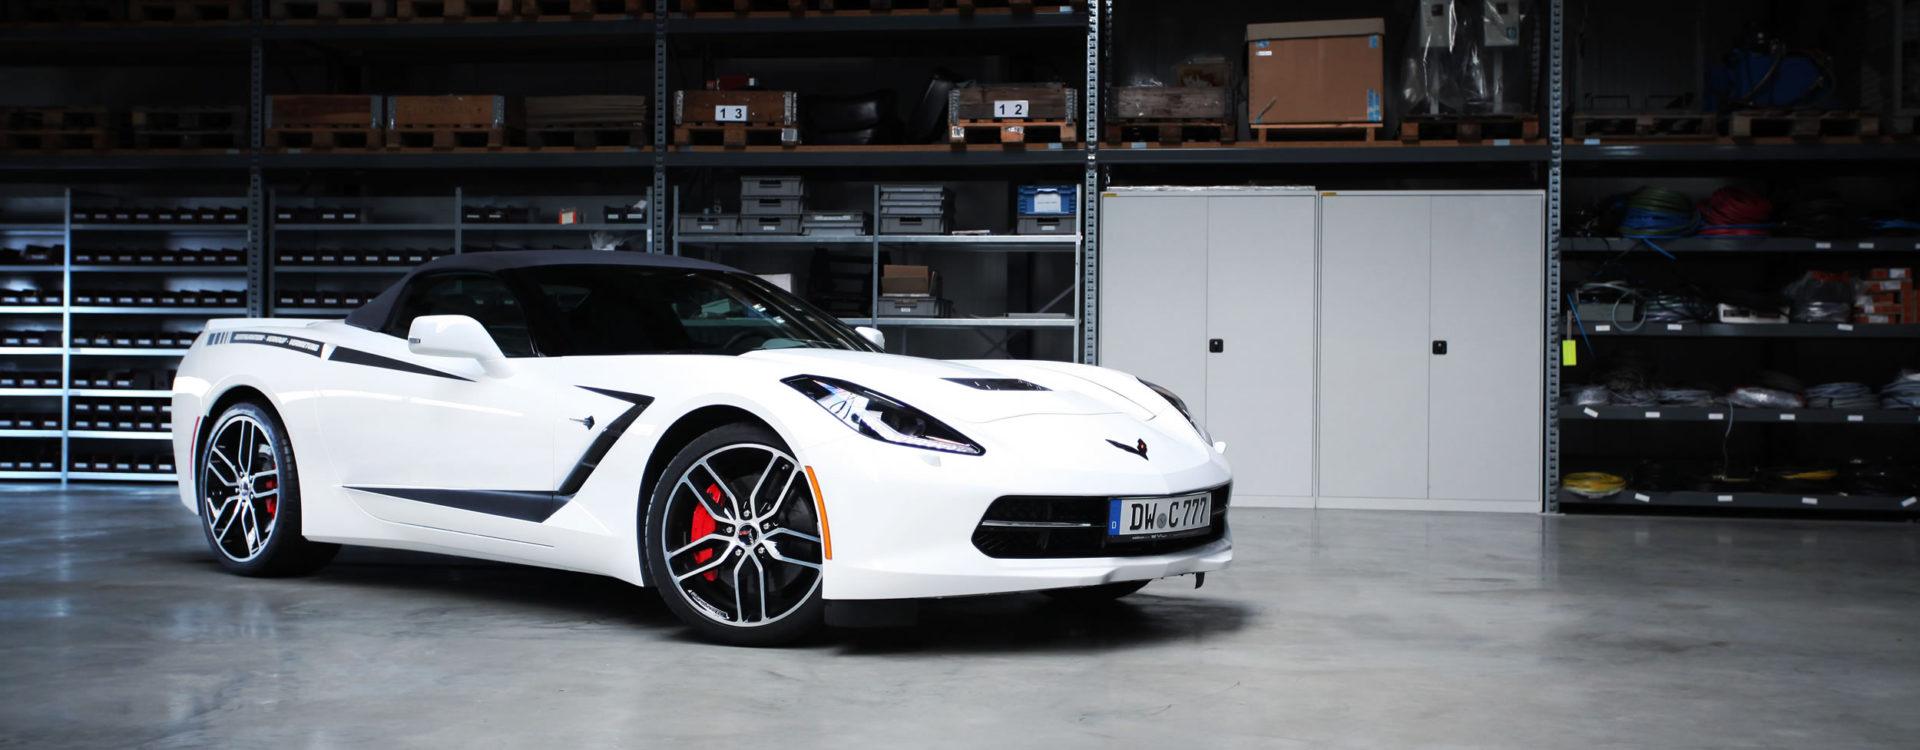 Corvette C7 Cabrio